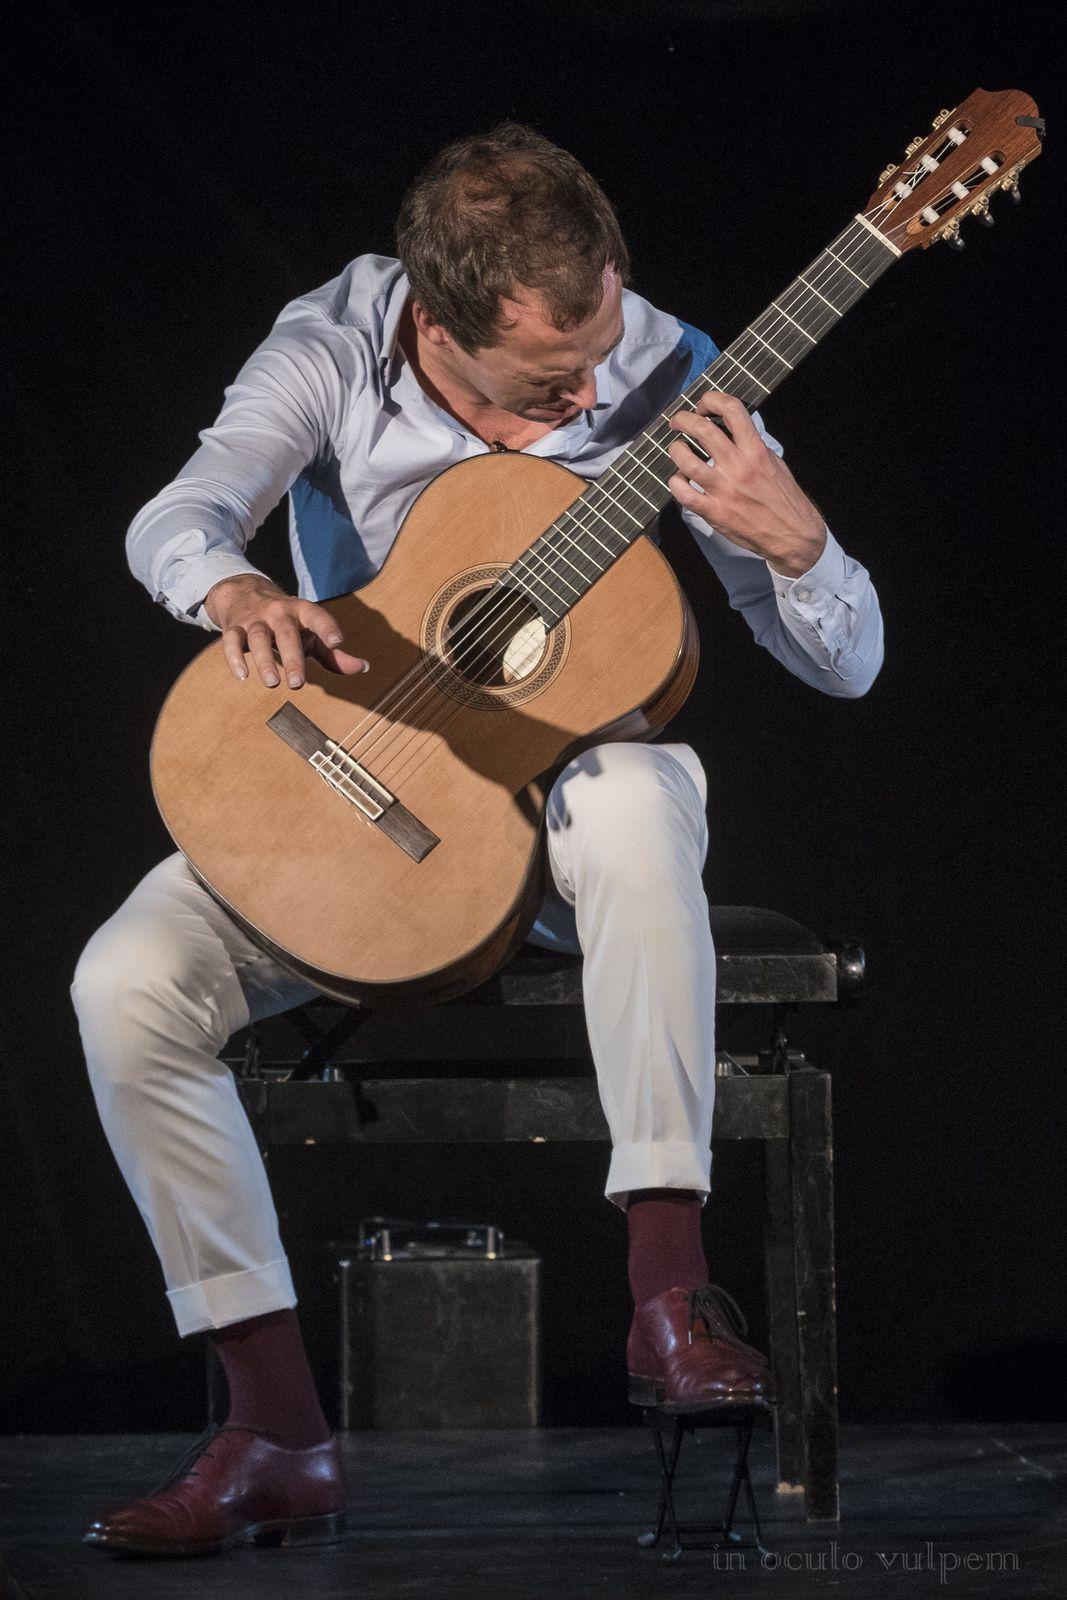 Les Promenades Musicales du Pays d'Auge. Walter Sôp, Bulles; Thibault Cauvin, Guitare. Château de La Roque-Baignard, 08/08/2019.